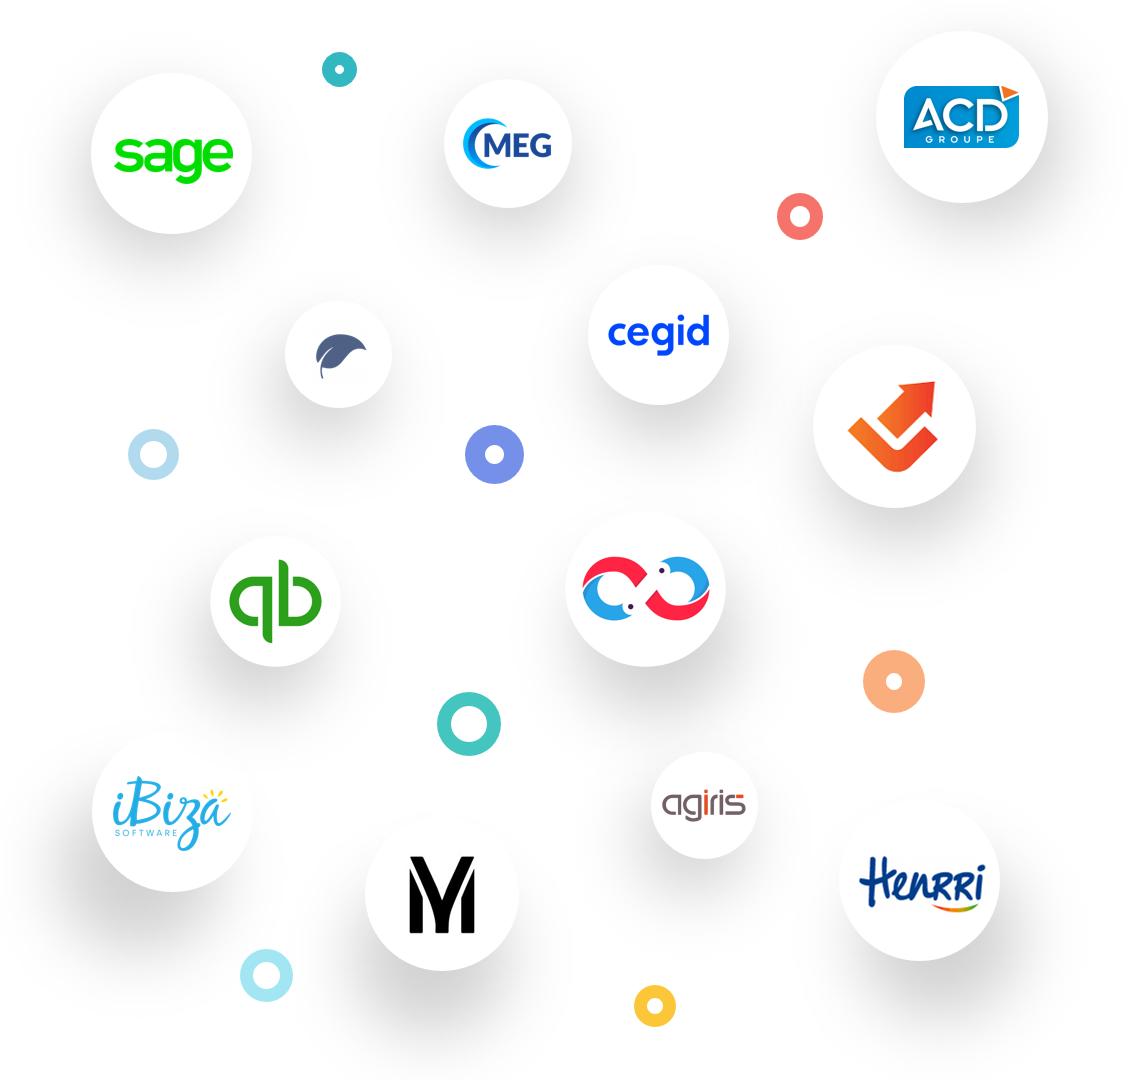 Quelques exemples d'outils compatibles